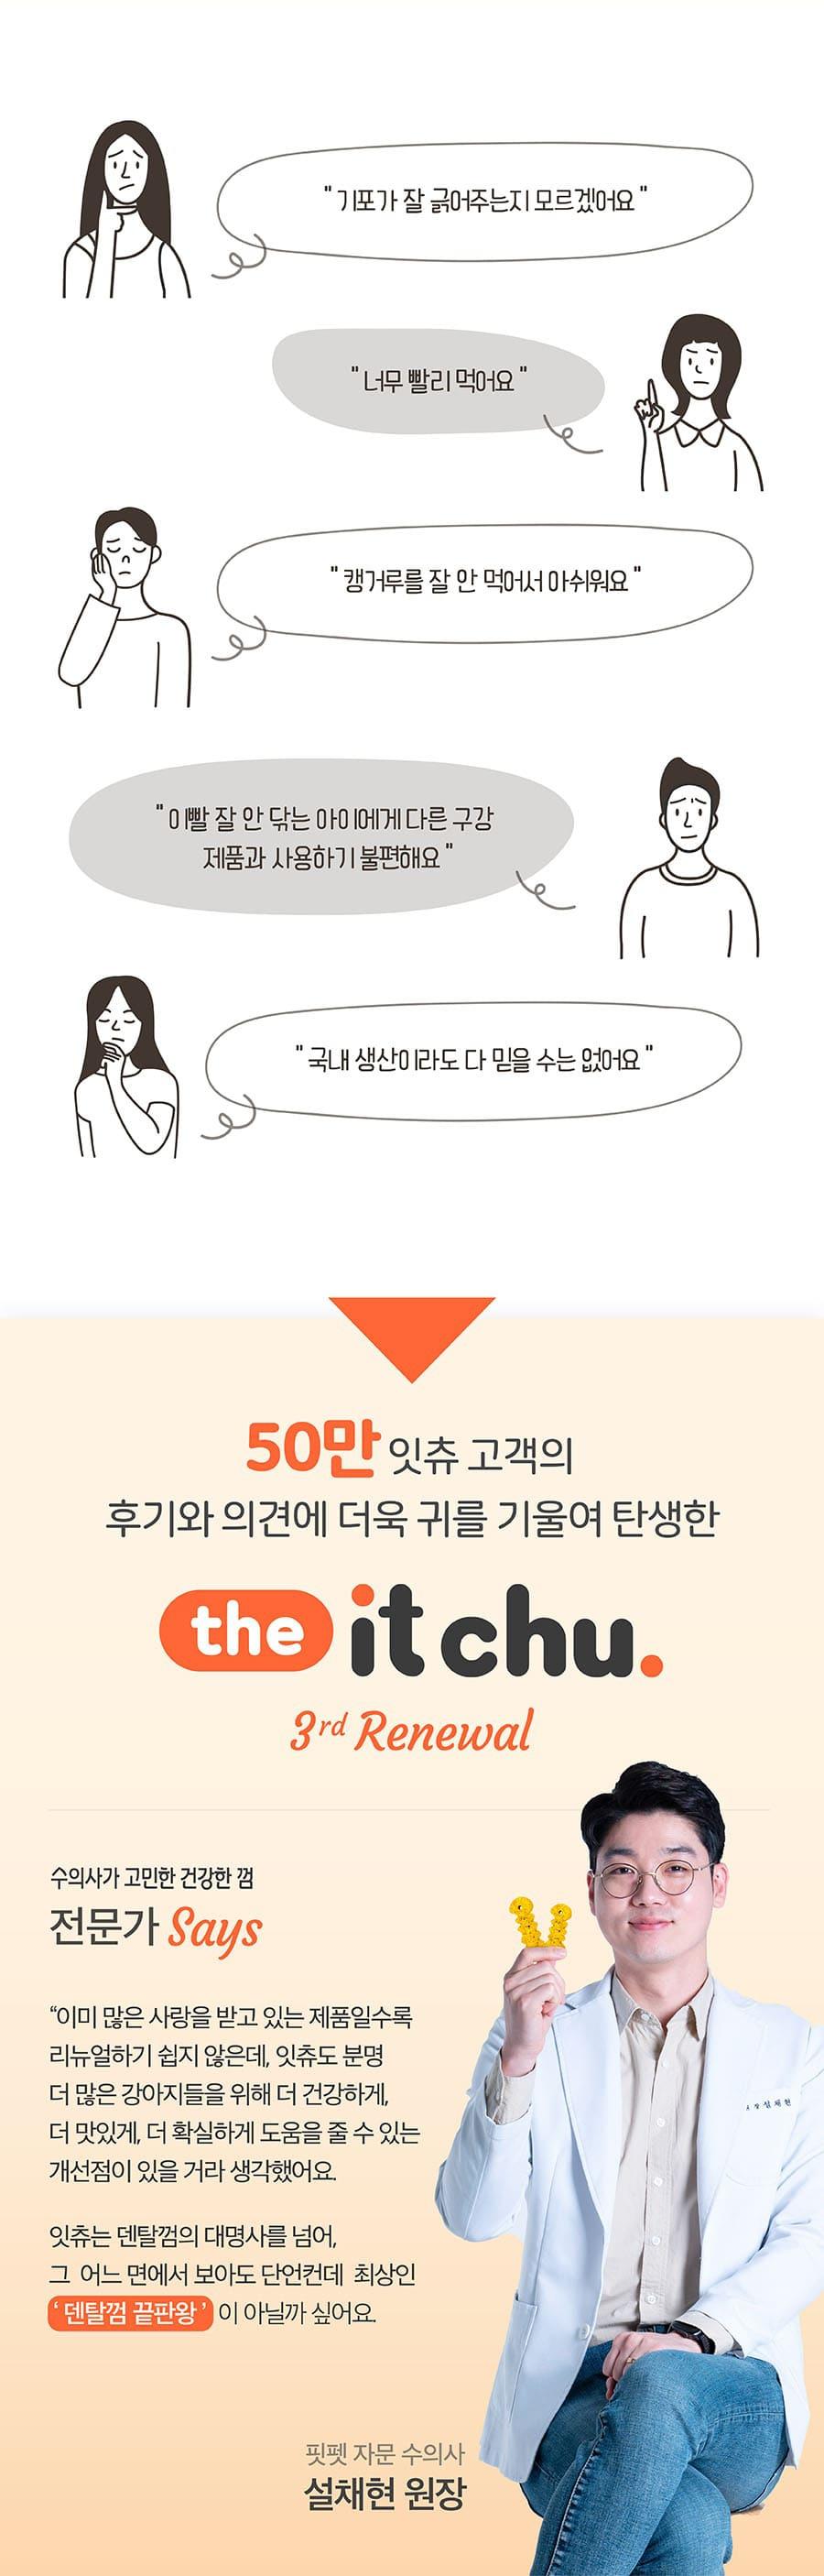 [오구오구특가]it 더 잇츄 옐로우 s (10개입)-상품이미지-1